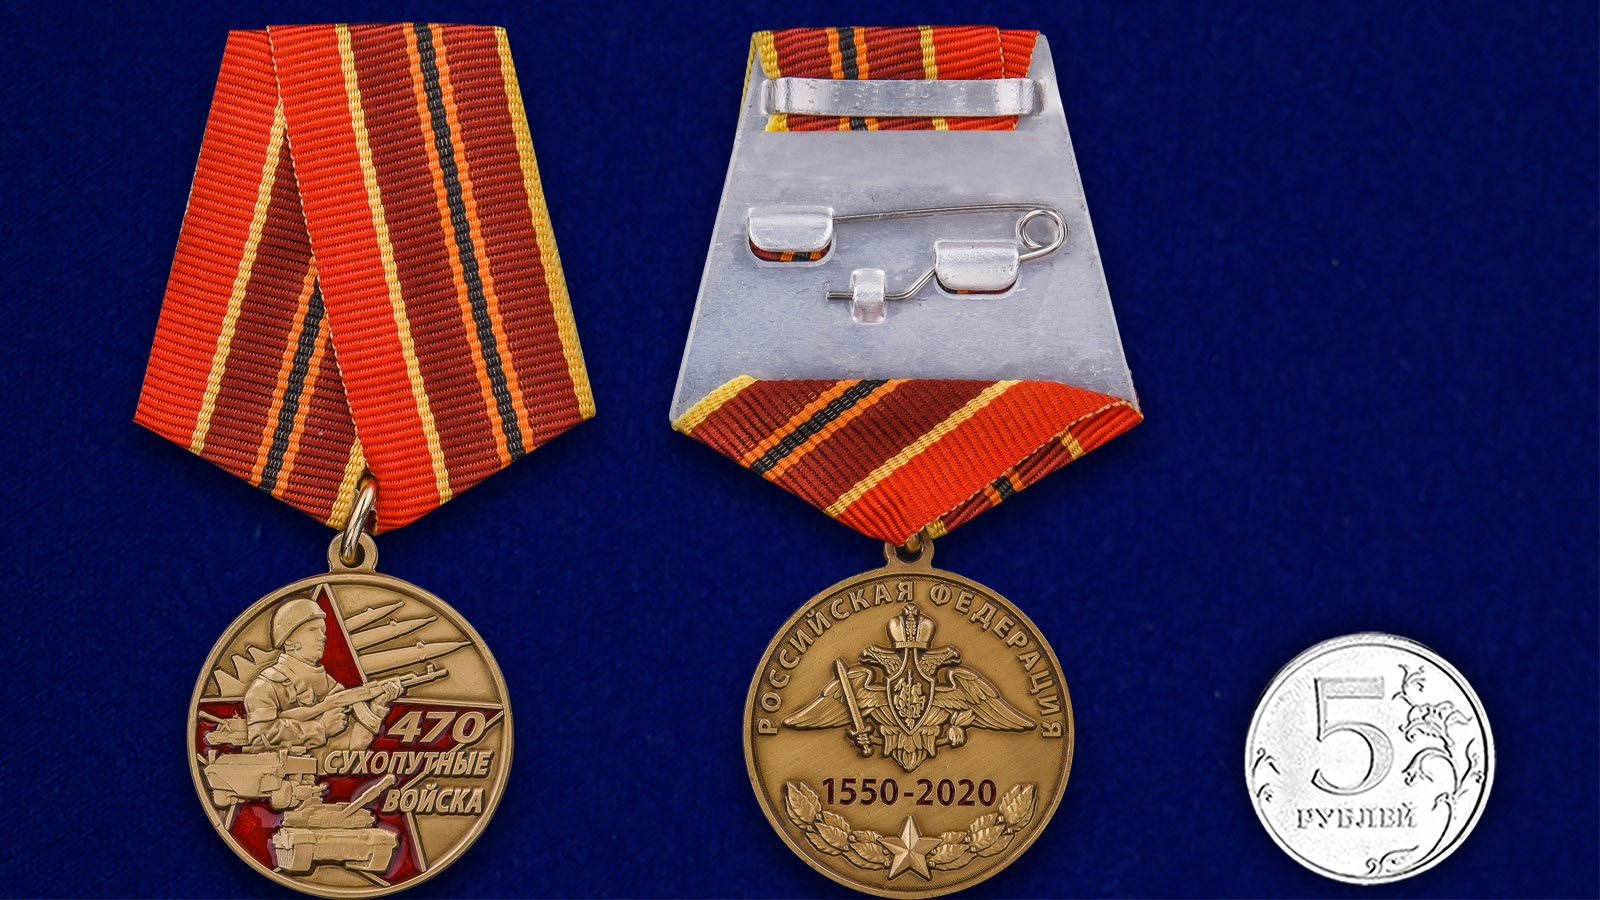 Памятная медаль 470 лет Сухопутным войскам - сравнительный вид